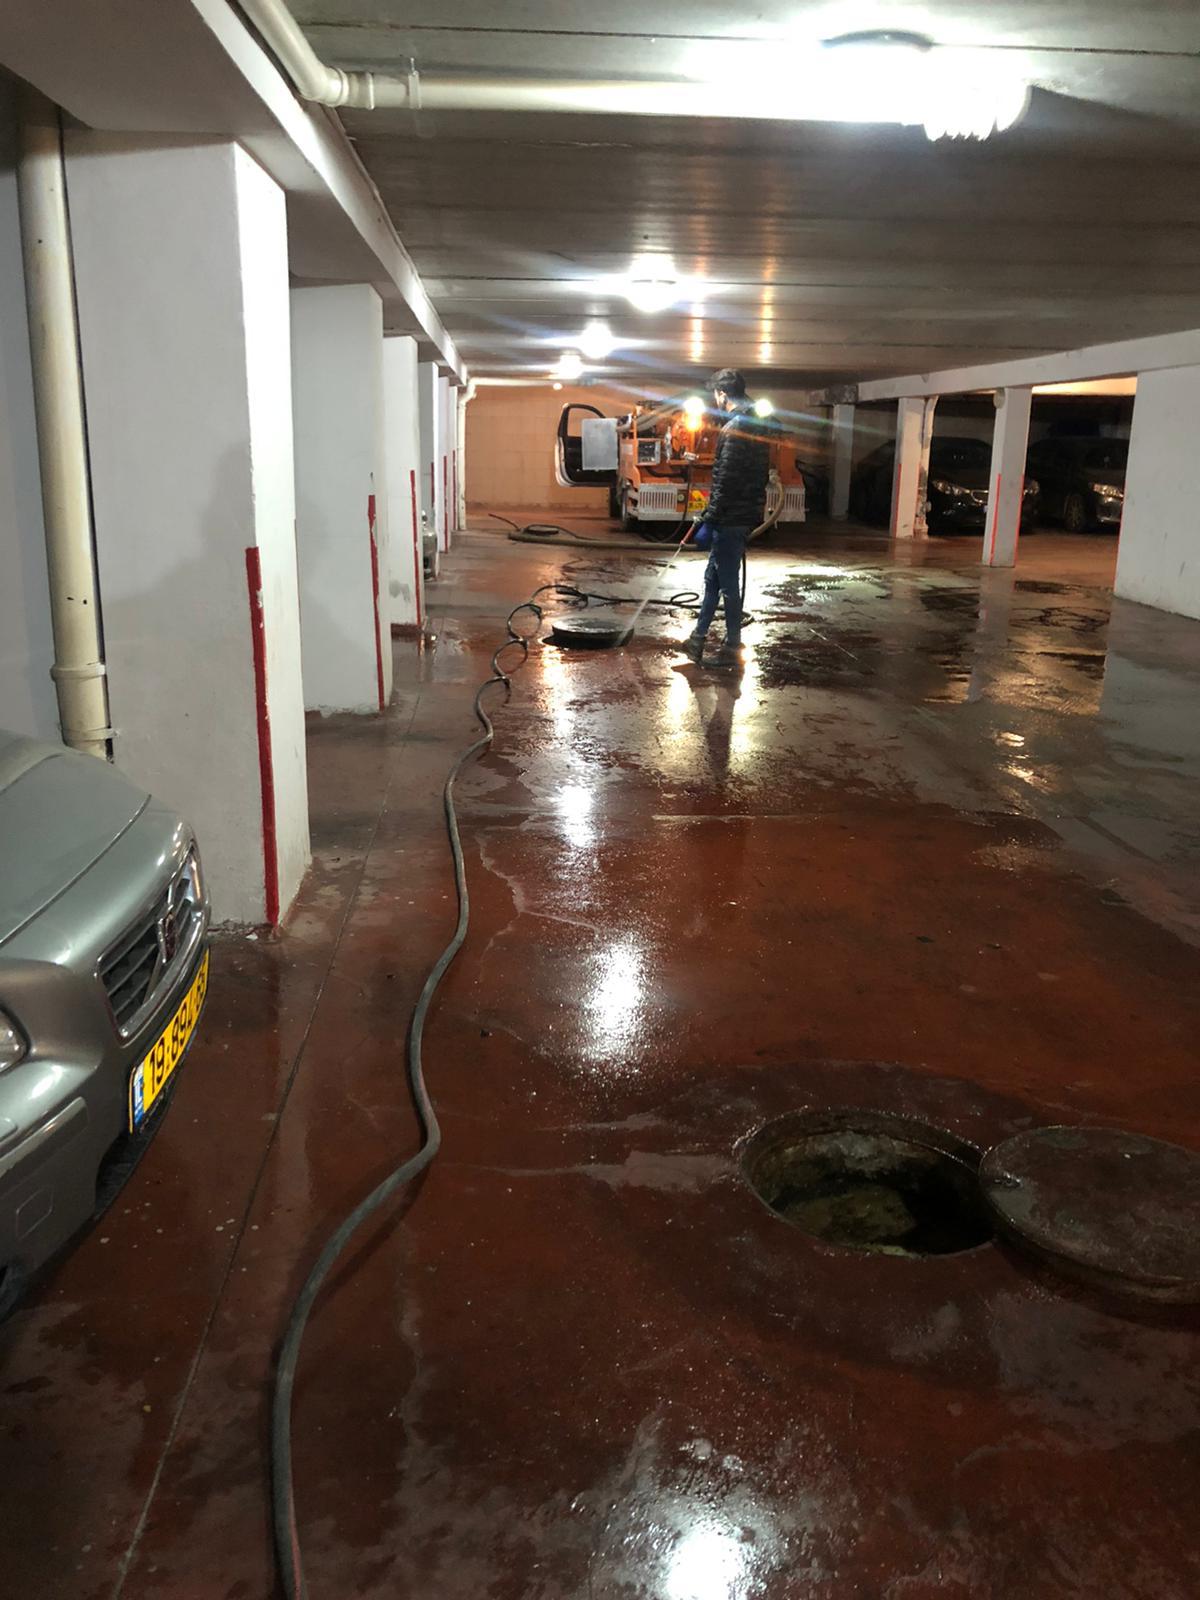 פתיחת סתימה וניקוי קווים יסודי בתאים בחניון תת קרקעי בשכונת בית הכרם בירושלים.